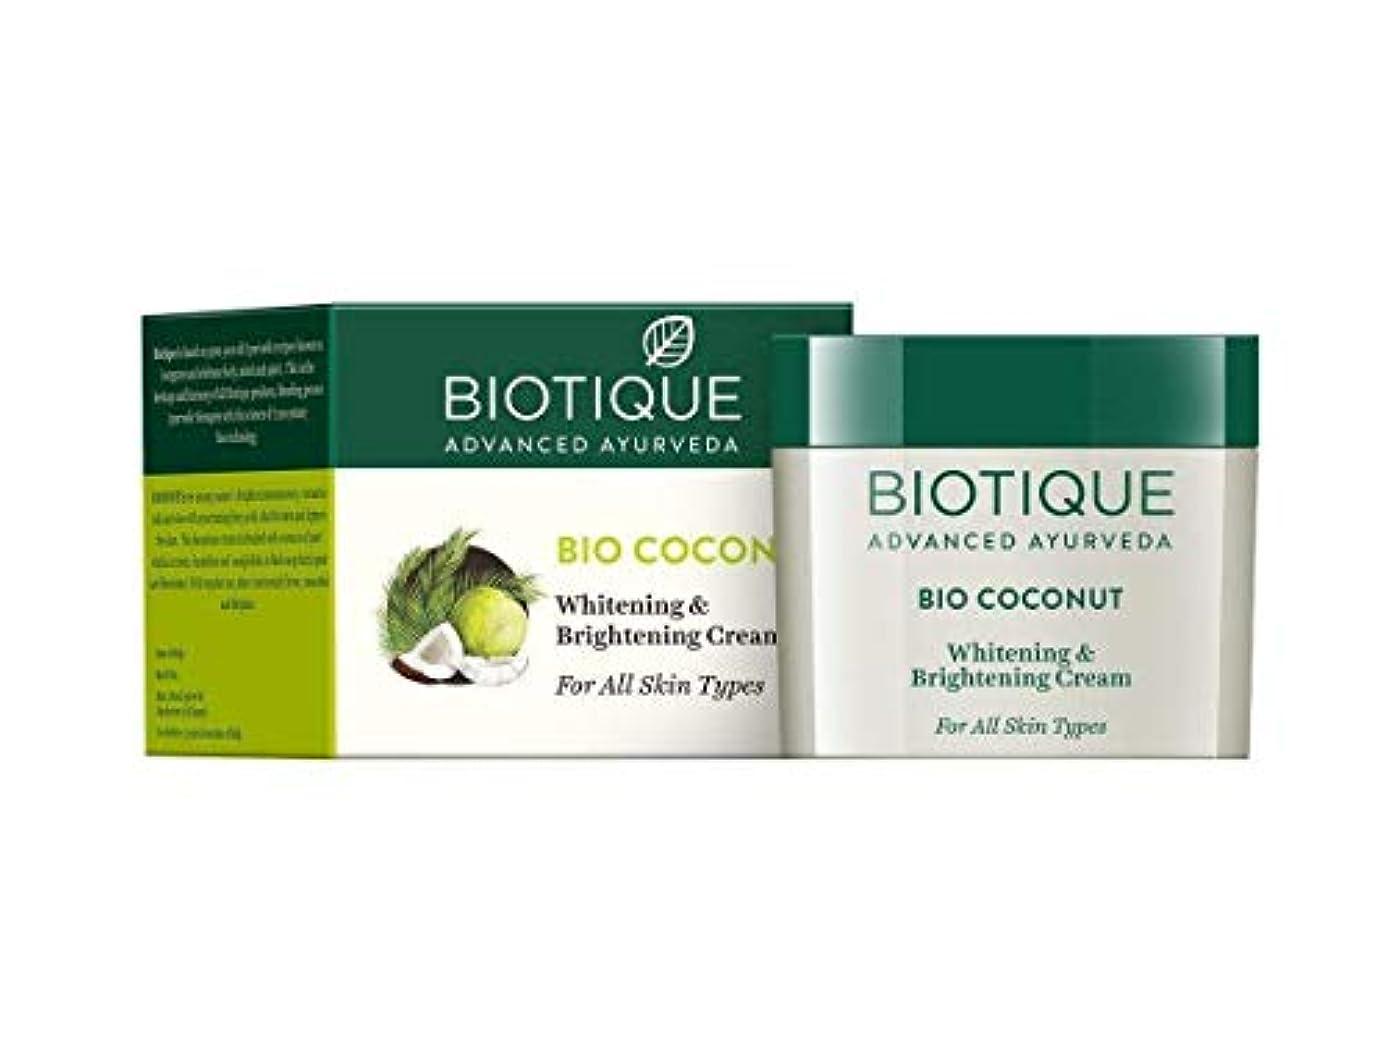 観点虐殺ビルマBiotique Coconut Whitening & Brightening Cream 50g fade dark spots & Blemishes ビオティックココナッツホワイトニング&ブライトニングクリームフェードダークスポット&シミ